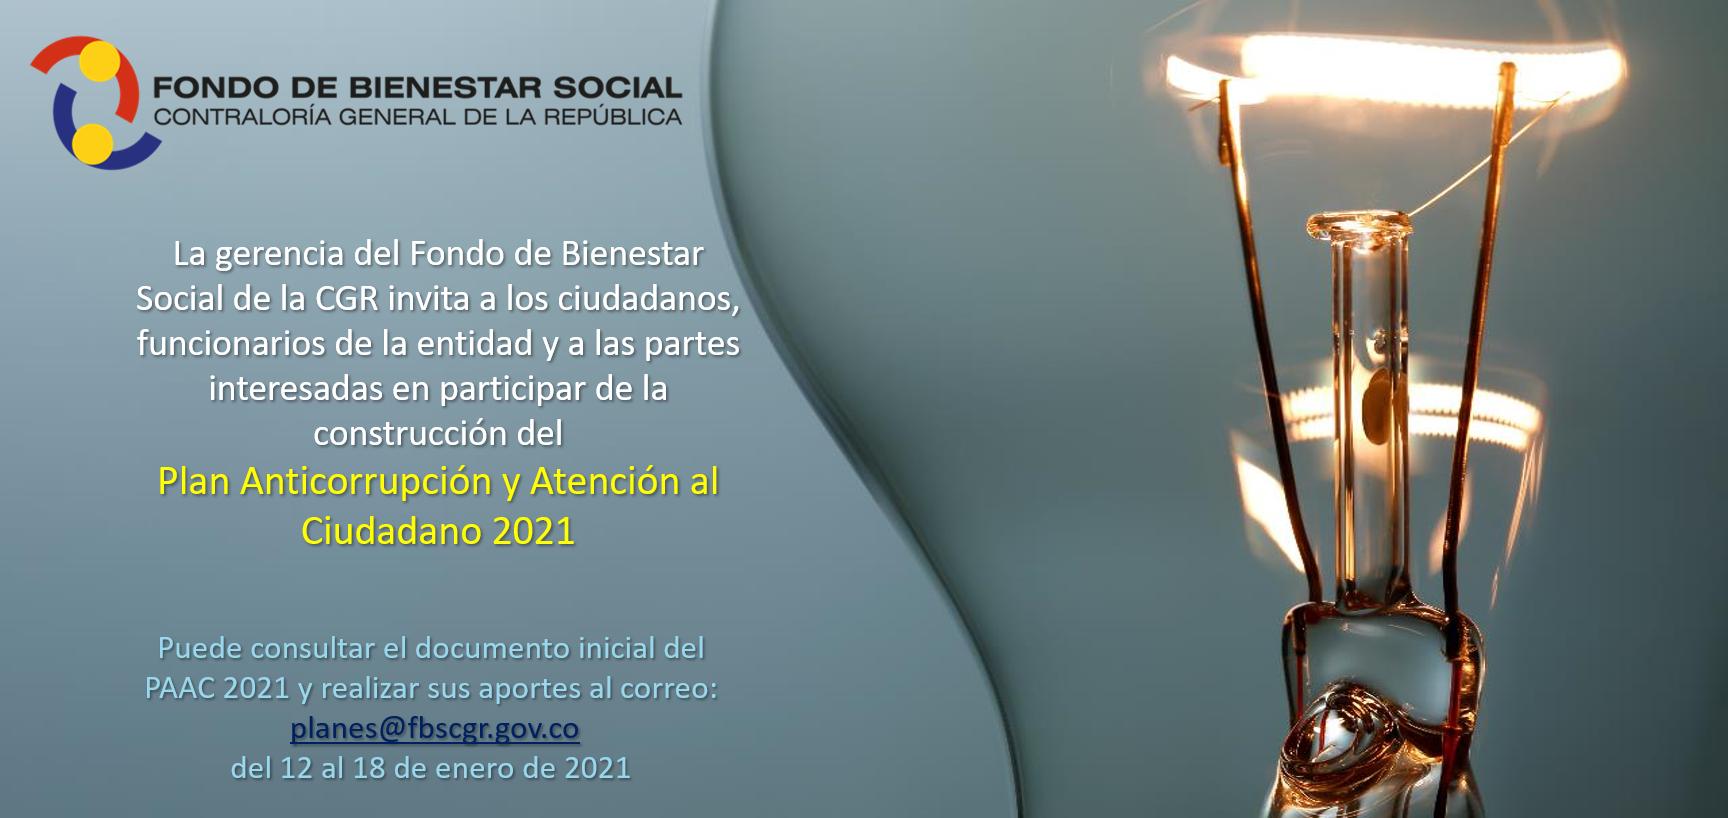 Informacion Proyecto Plan Anticorrupción y Atención al Ciudadano 2021